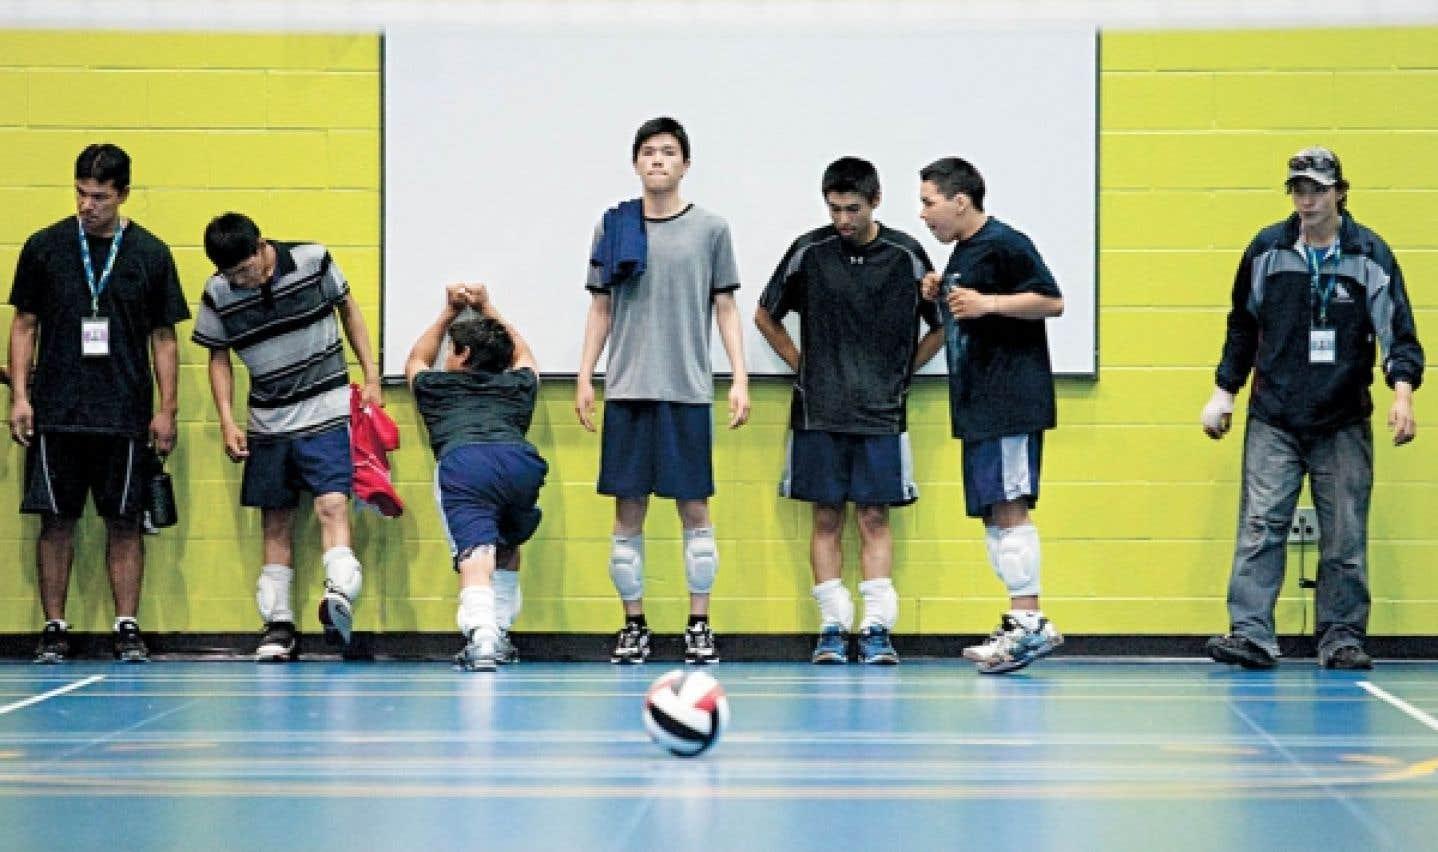 De jeunes Inuits du Nunavik se préparent à un match de handball.